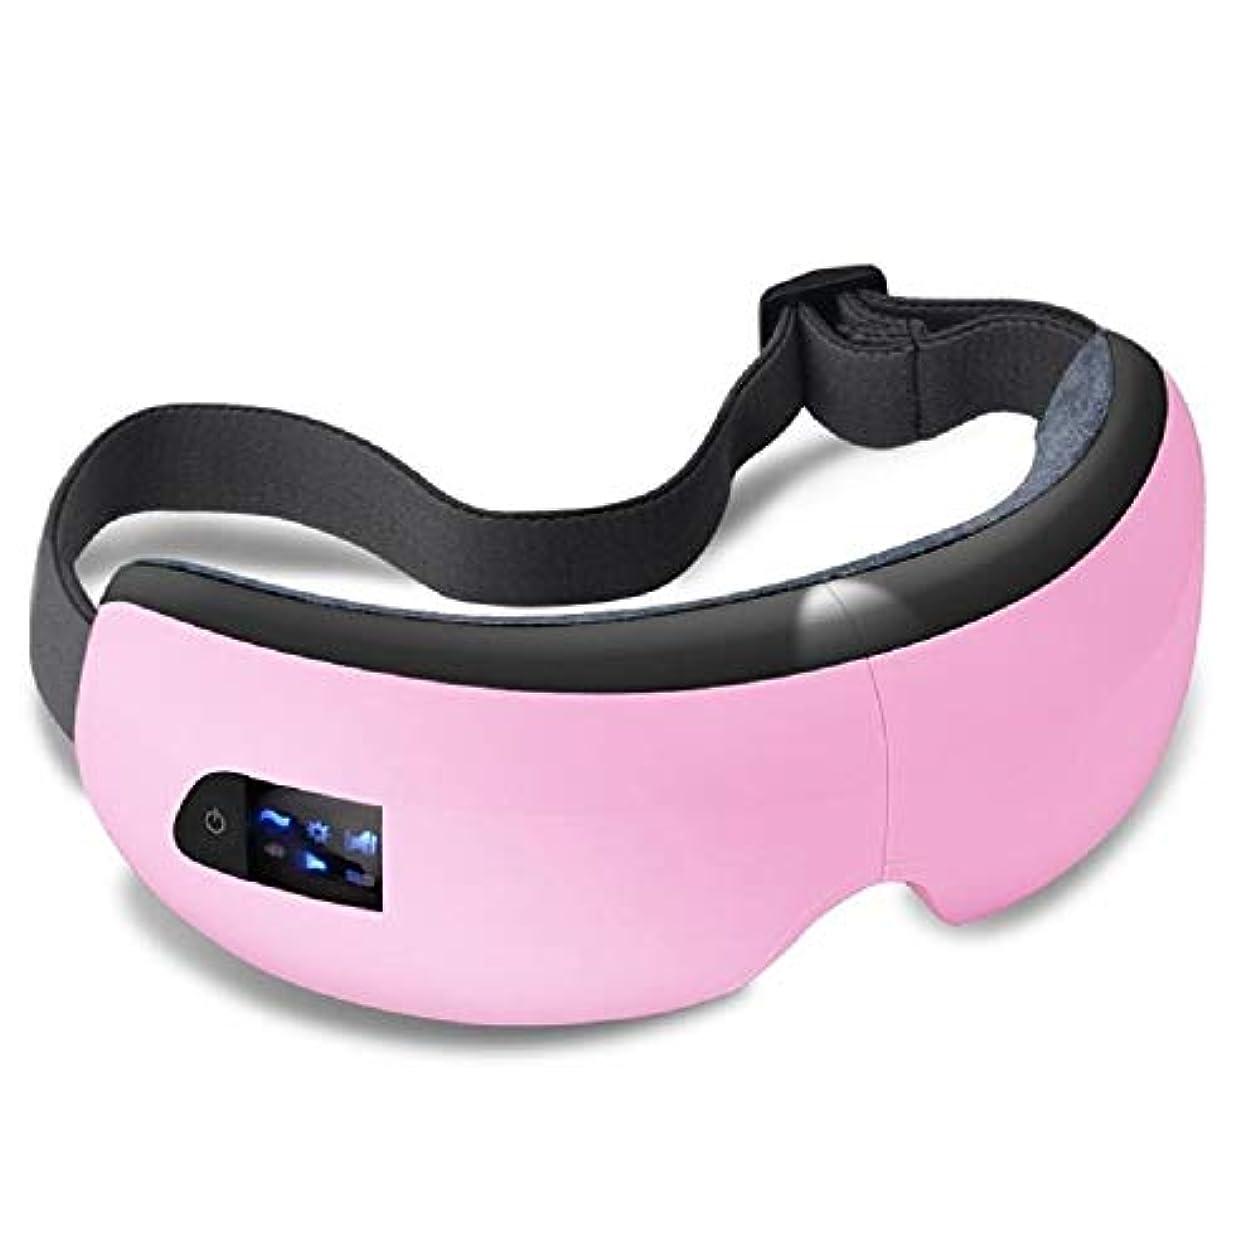 ブランクポータル国家Meet now ホットプレス充電式アイマッサージャー付きのスタイリッシュなワイヤレスインテリジェント電気アイプロテクター 品質保証 (Color : Pink)